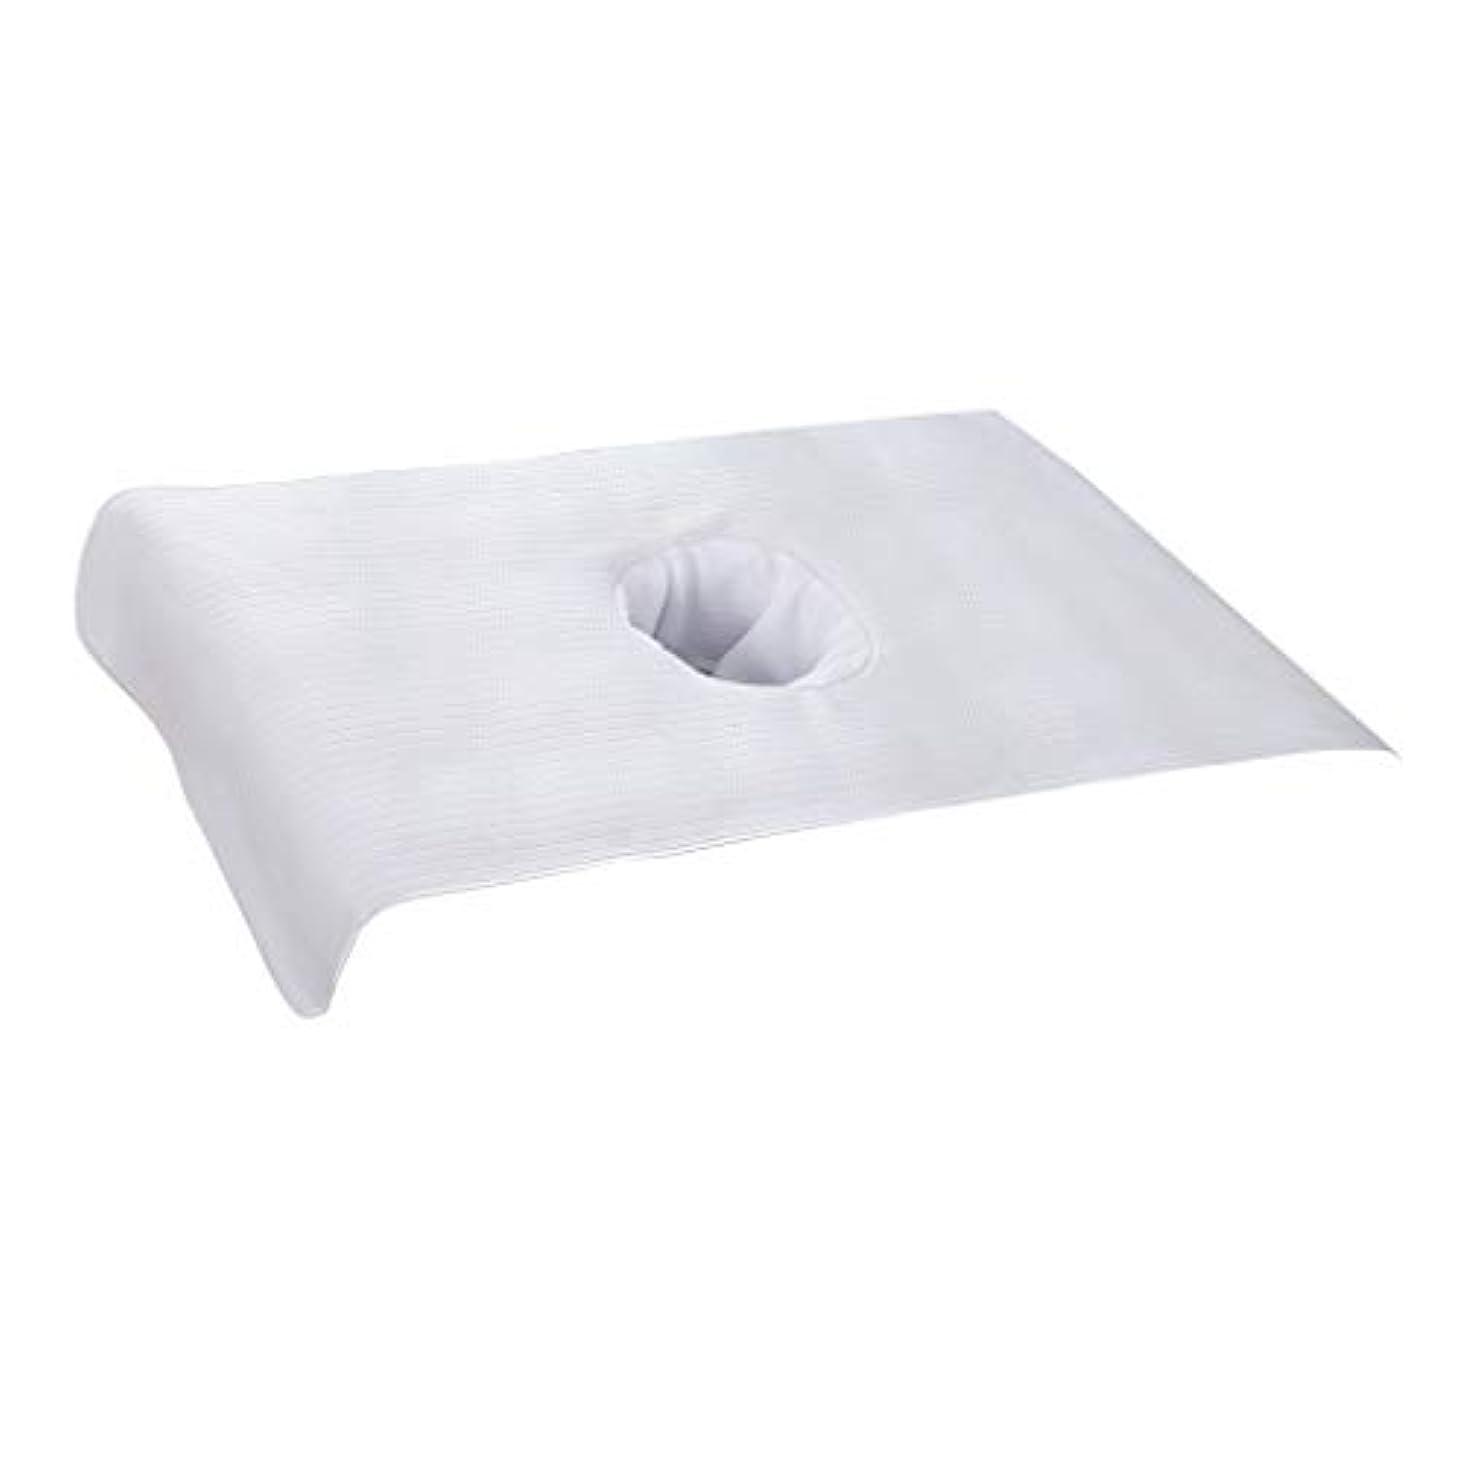 ウッズ色合い引き潮美容ベッドカバー マッサージベッドカバー 治療シーツ ポリエステル生地 高品質 - 白